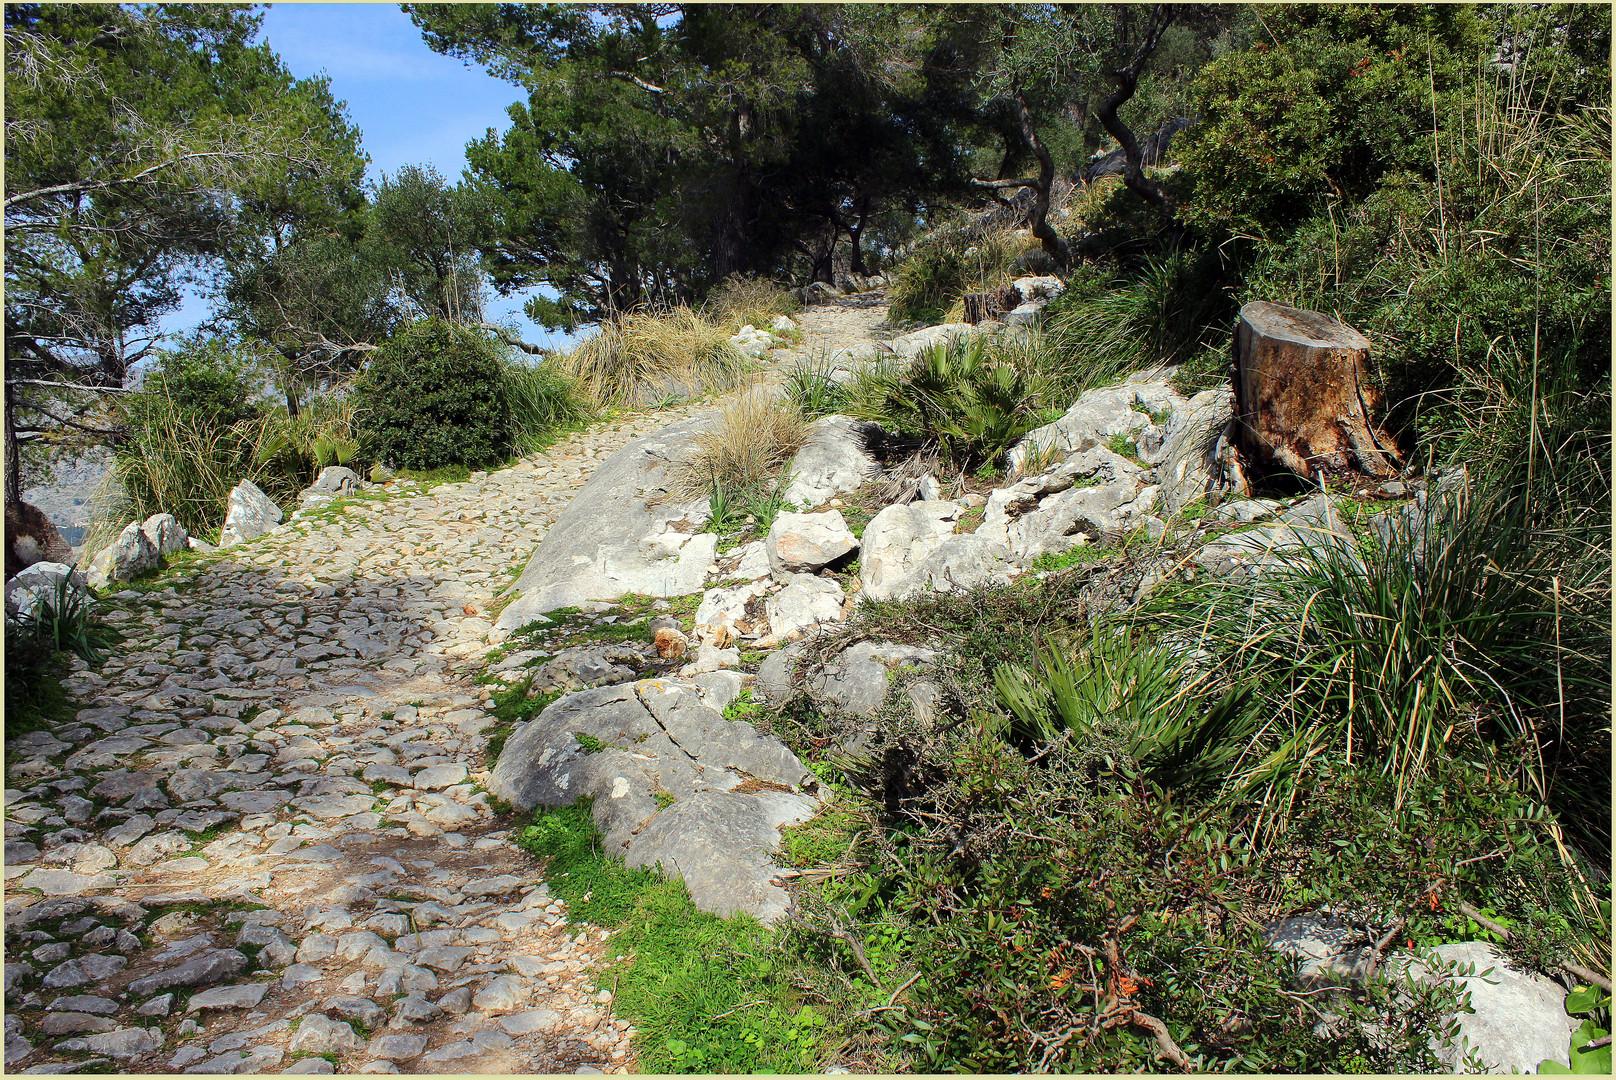 Mein Mallorca- Aufstieg auf den Puig de Maria bei Pollensa